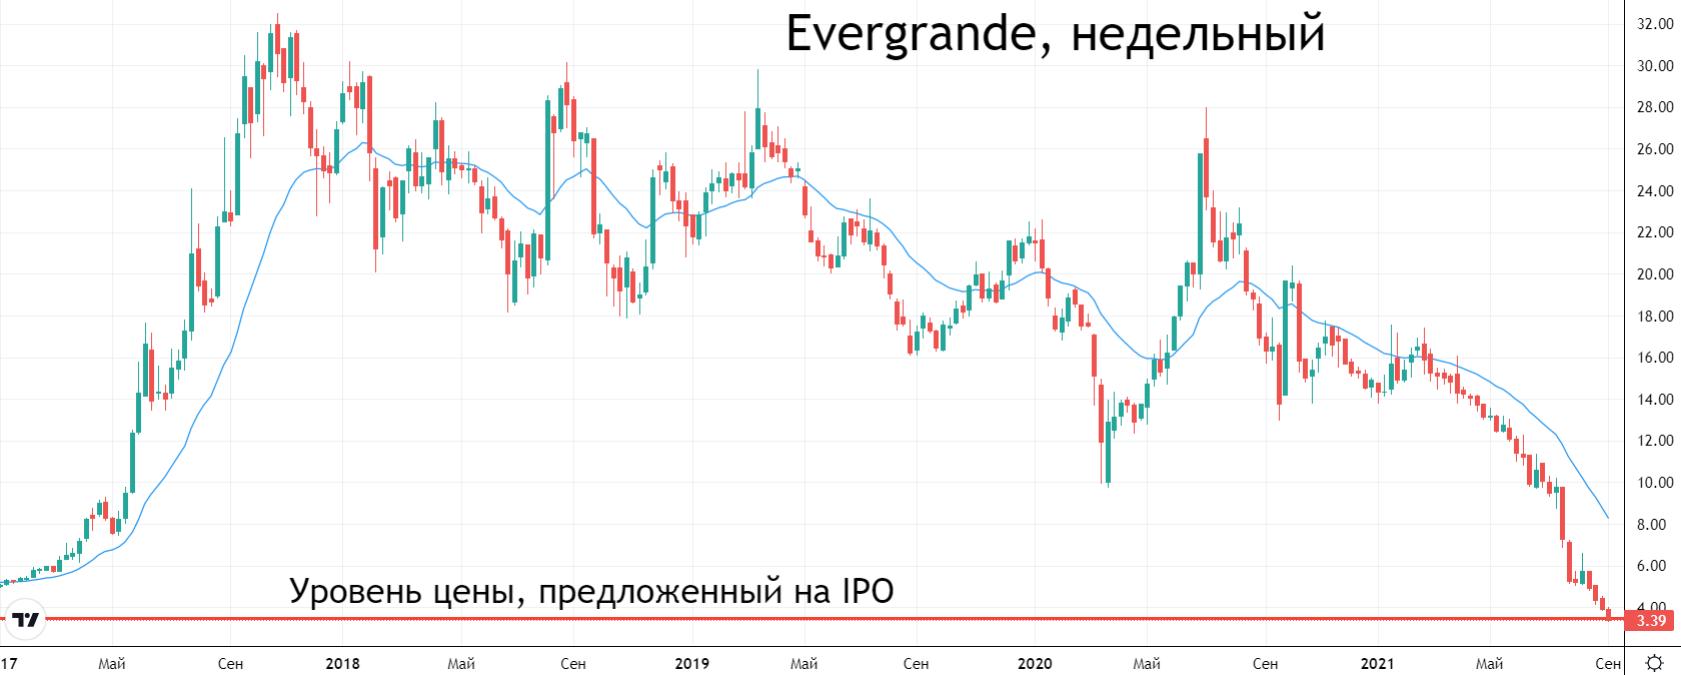 Акции Evergrande упали ниже уровня IPO. Почему это угрожает финансовой системе Китая